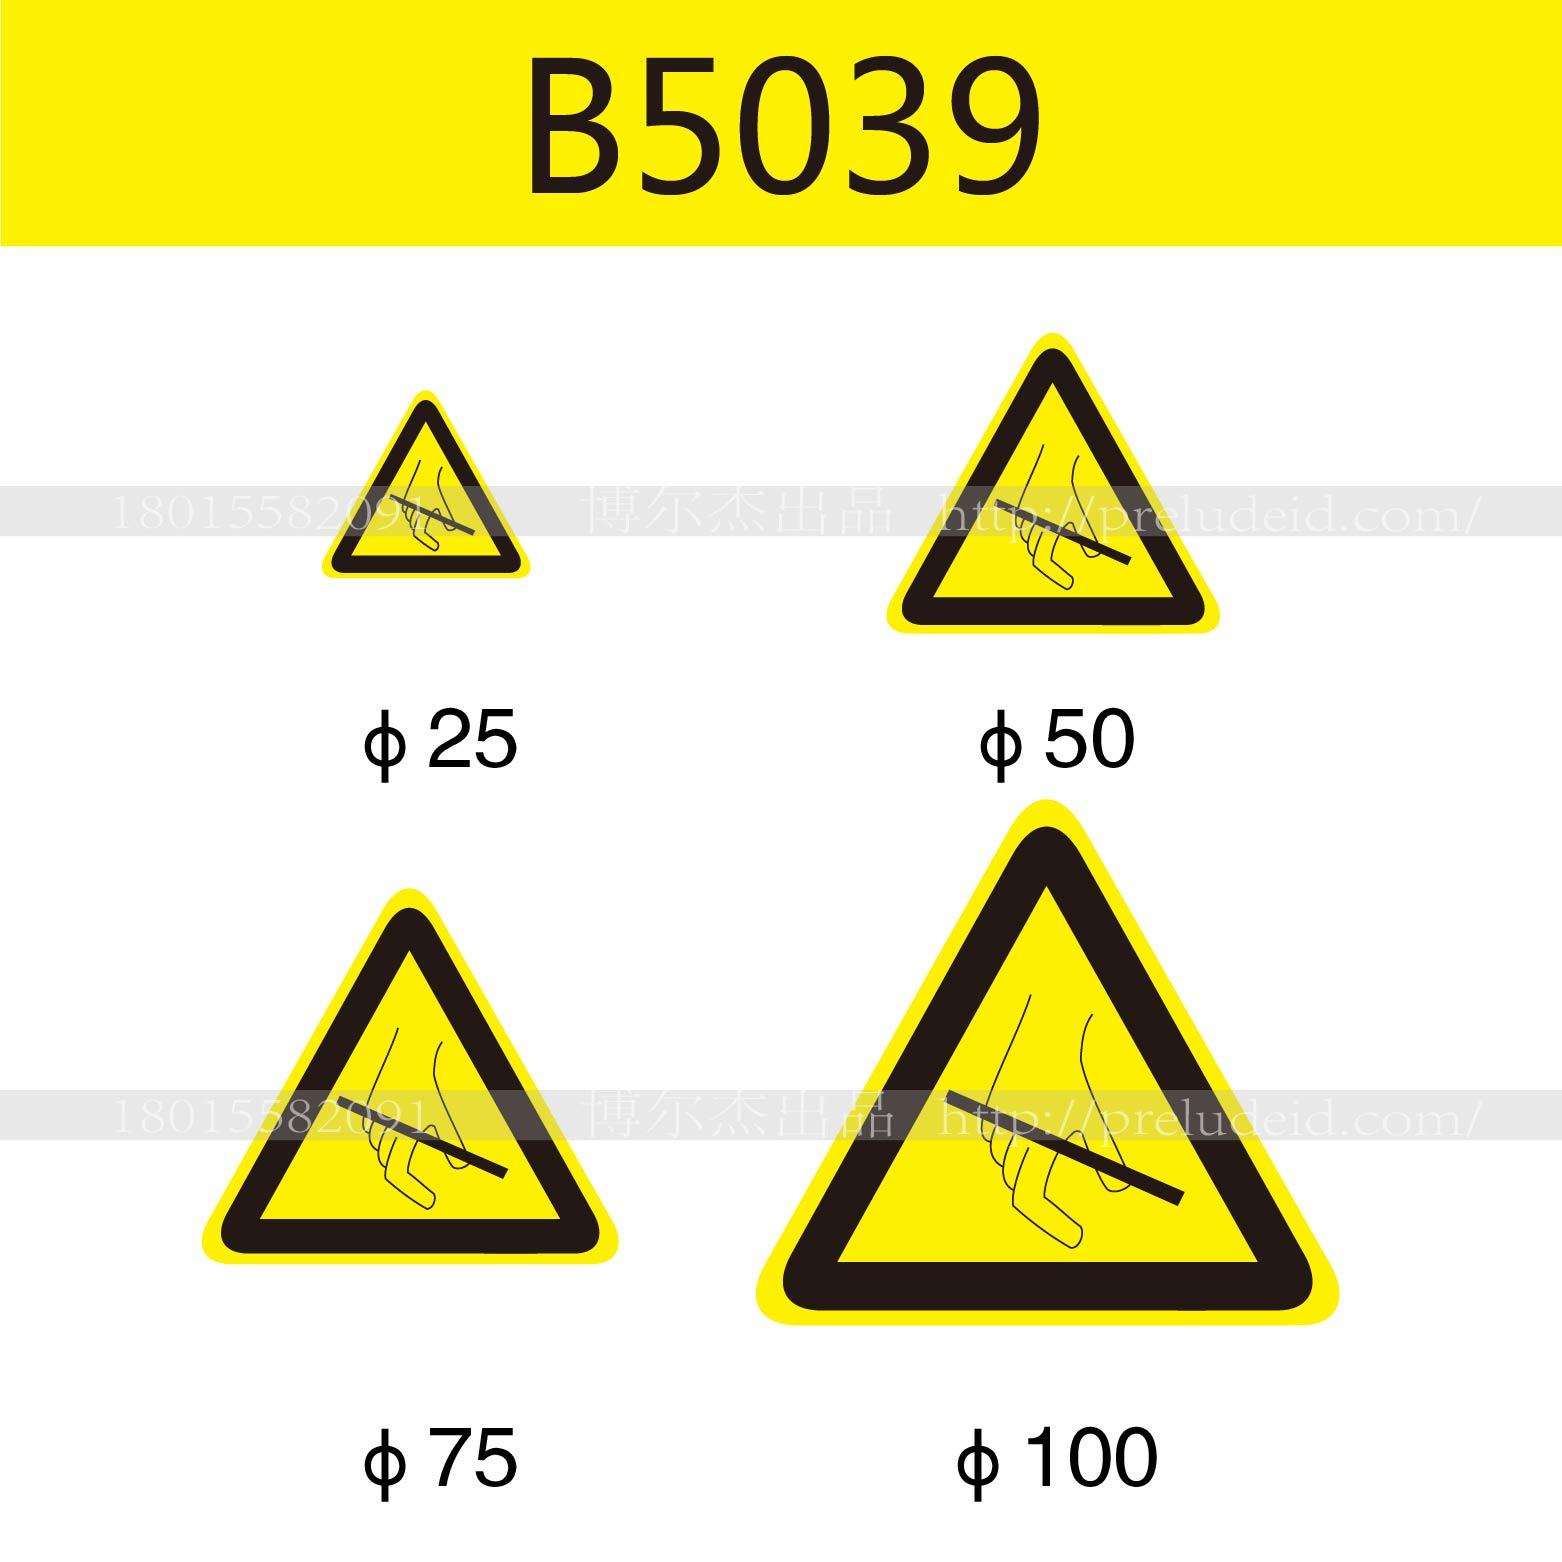 博尔杰 安全标签  安全标语牌 安全标语贴 标识厂家 丝印标签 安全标示牌 B5039